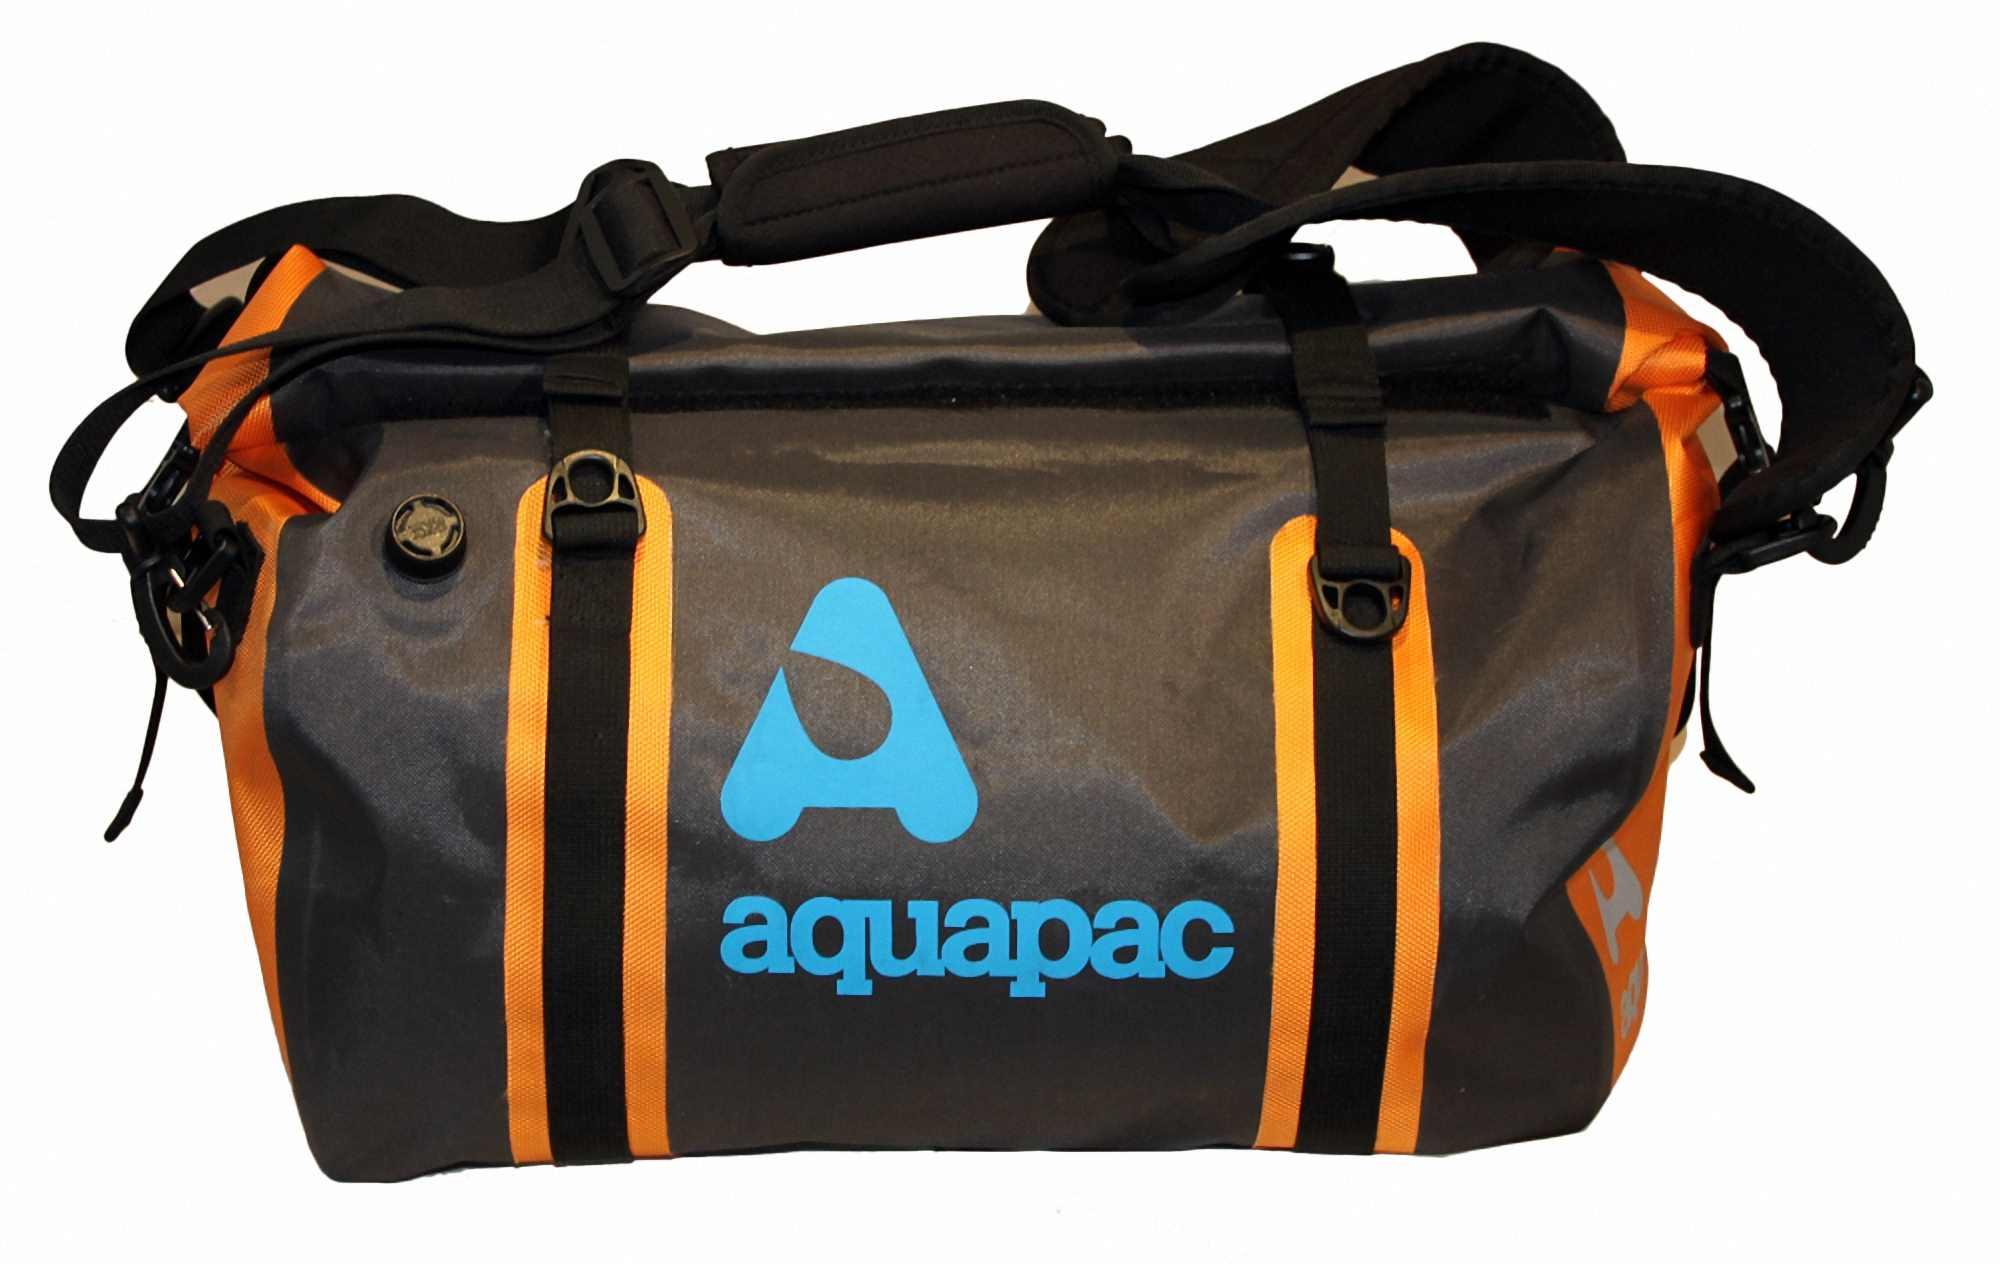 Водонепроницаемая сумка-рюкзак Aquapac 701 - Upano Waterproof Duffel - 40L.. Aquapac - №1 в мире водонепроницаемых чехлов и сумок. Фото 9